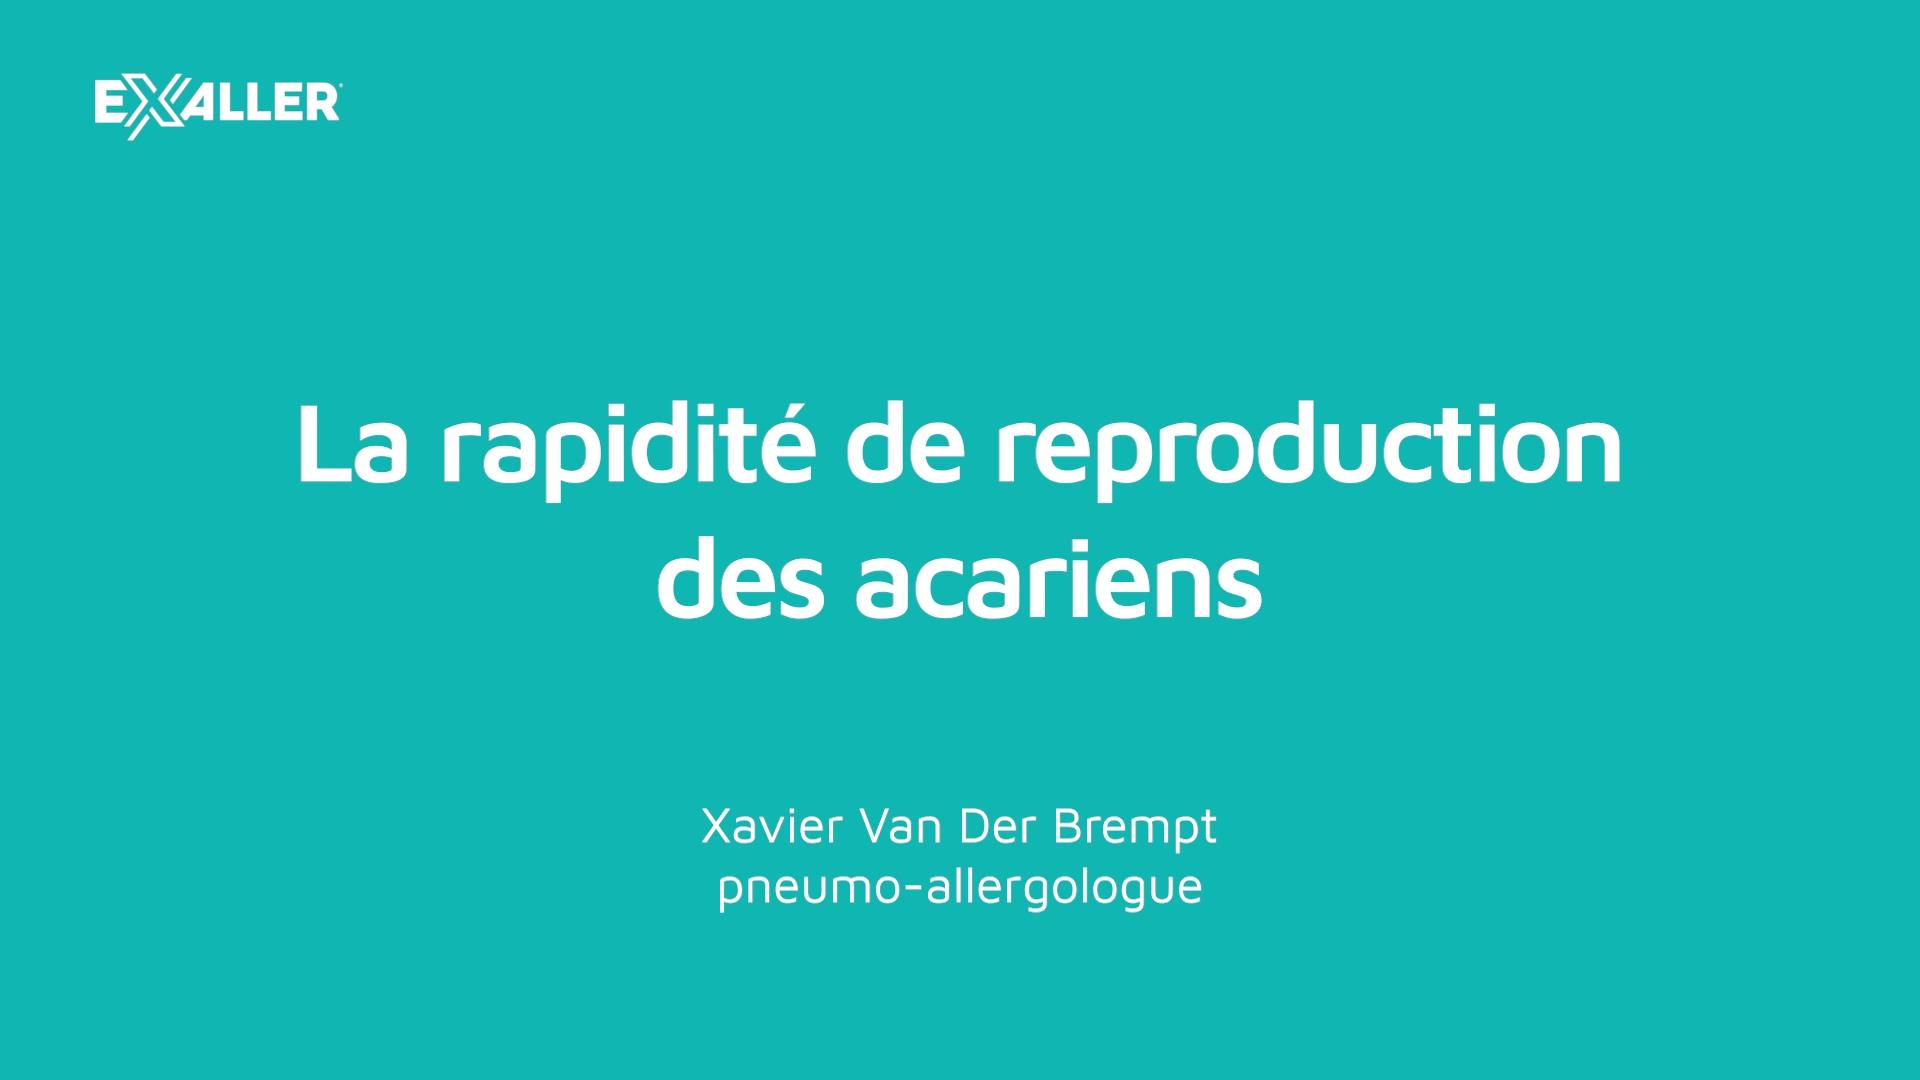 X2 La rapidité de reproduction des acariens